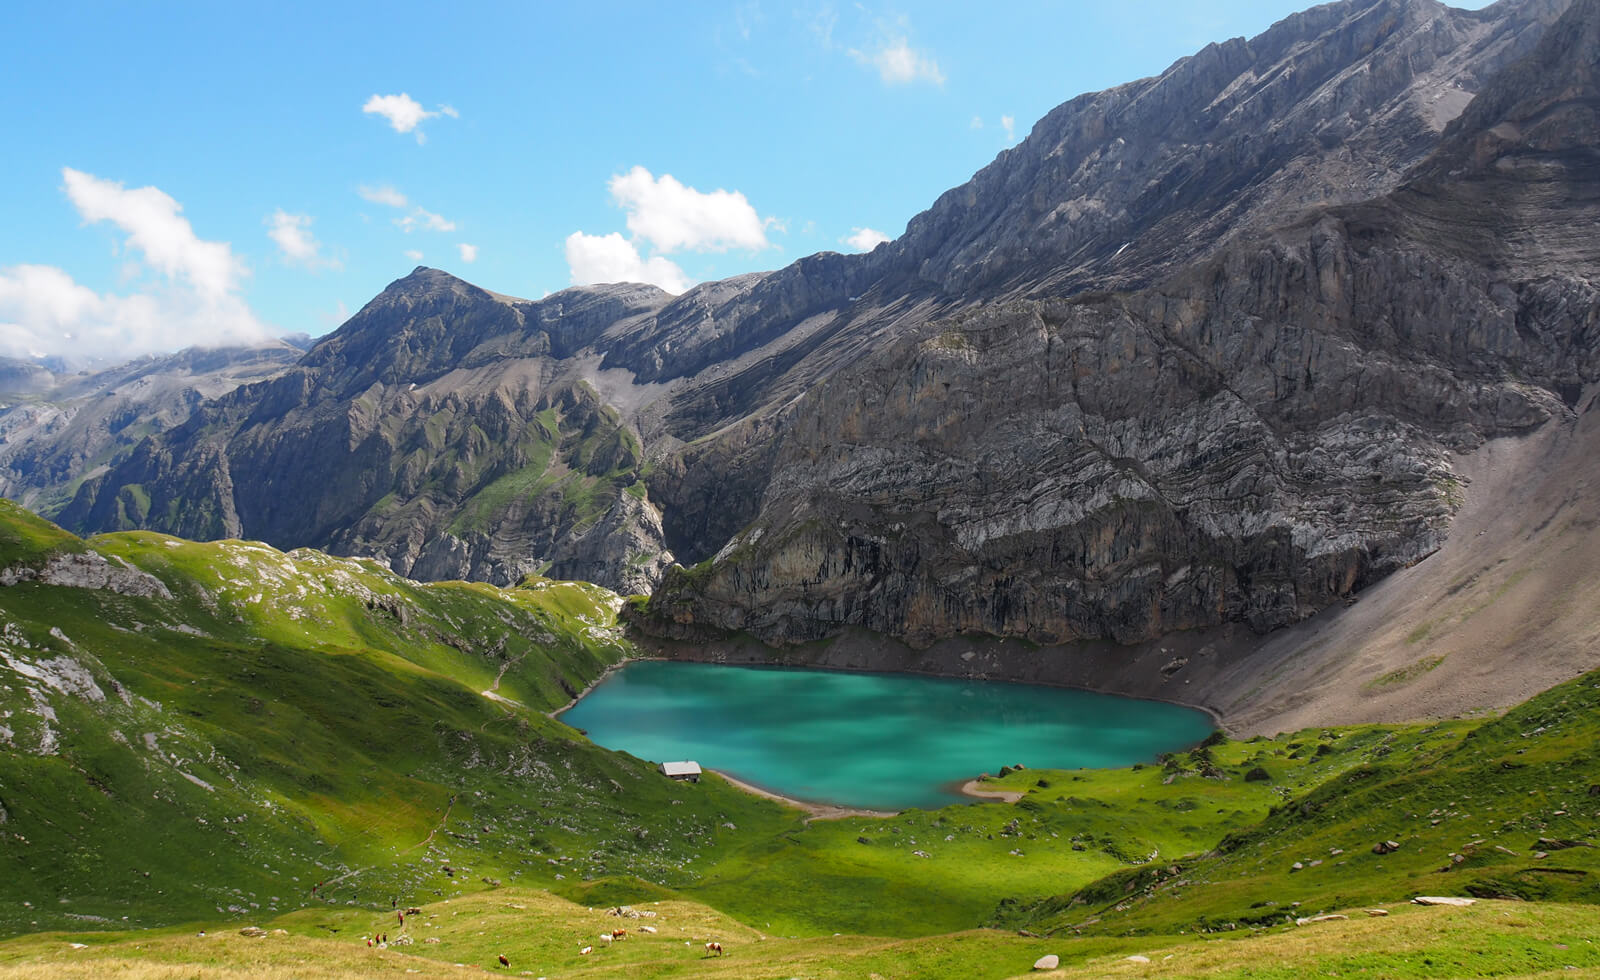 Lake Iffigsee above Lenk